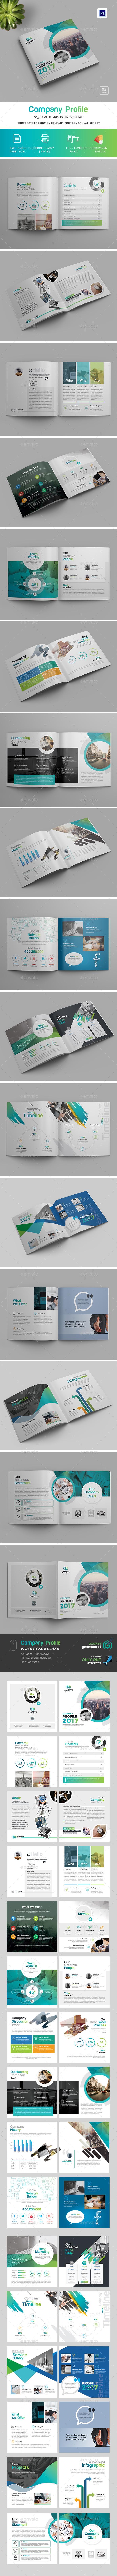 GraphicRiver Square Bi-Fold Brochure 20547609